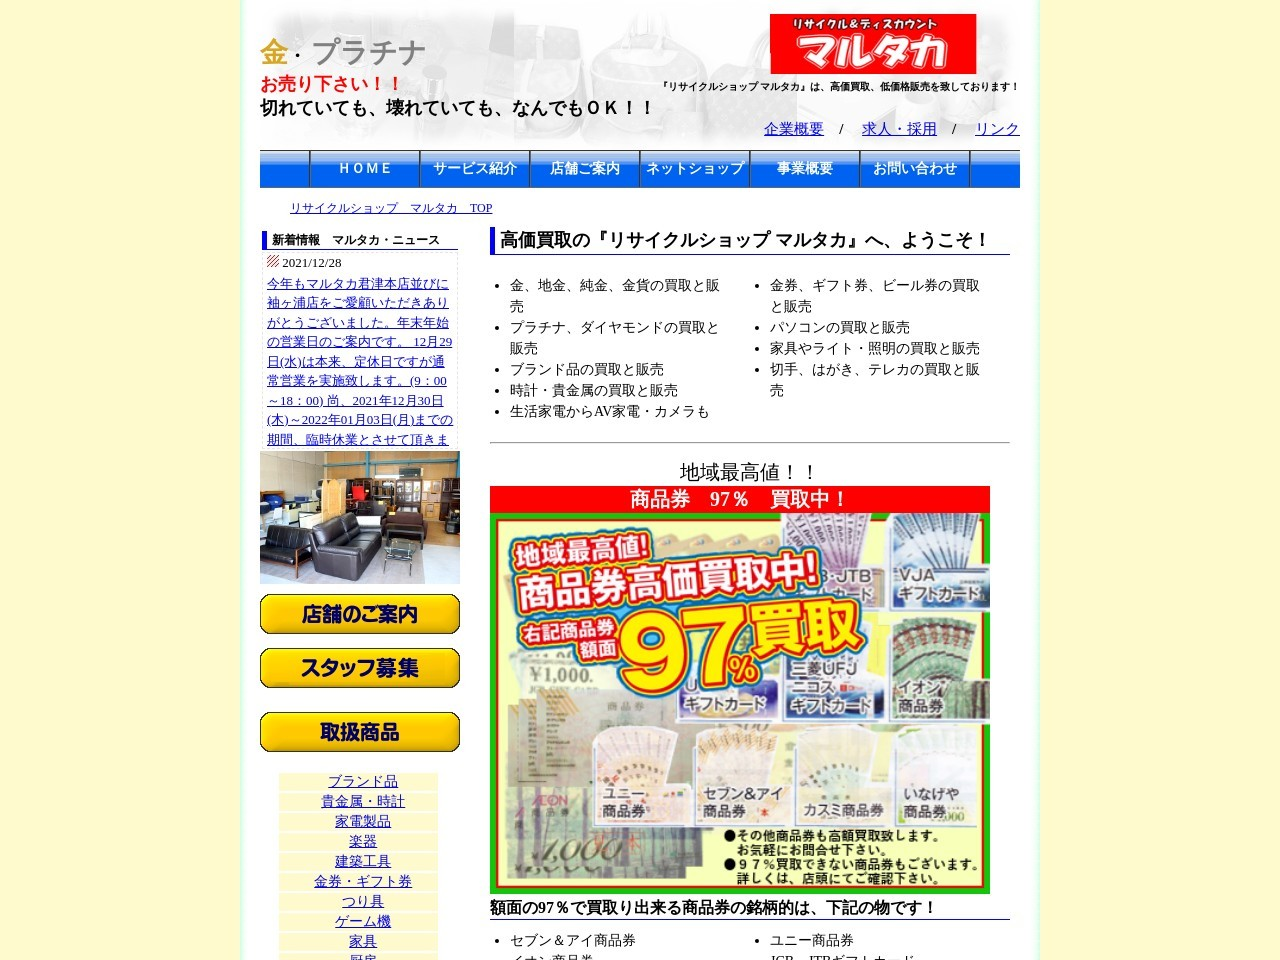 高額買取のリサイクルショップ『マルタカ』公式サイト